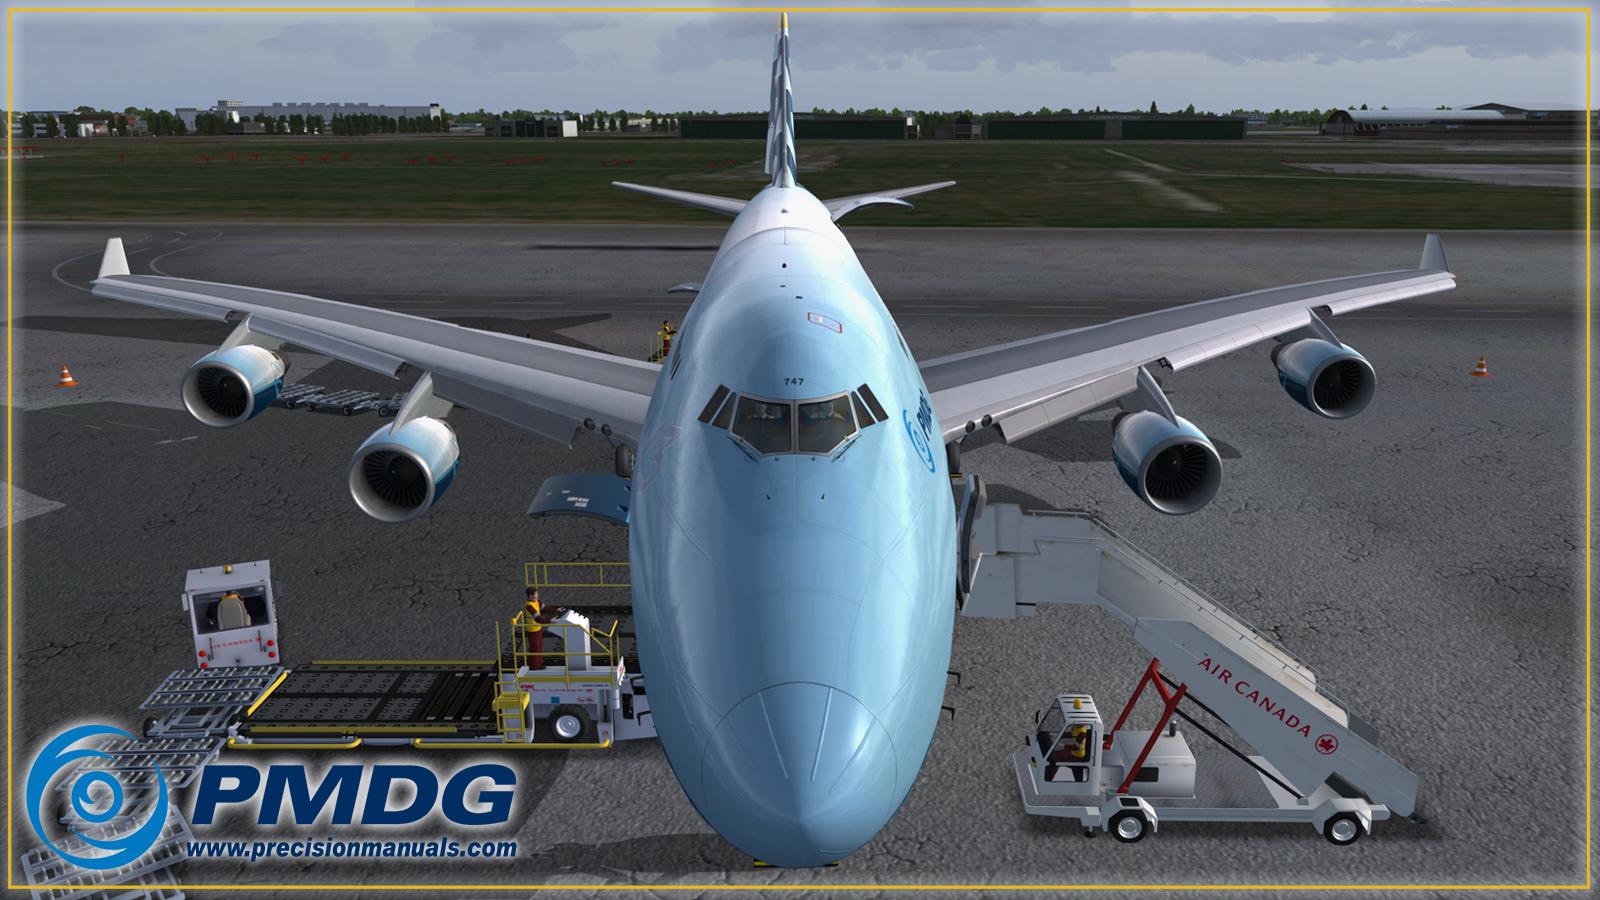 PMDG_744BCF_overview.jpg